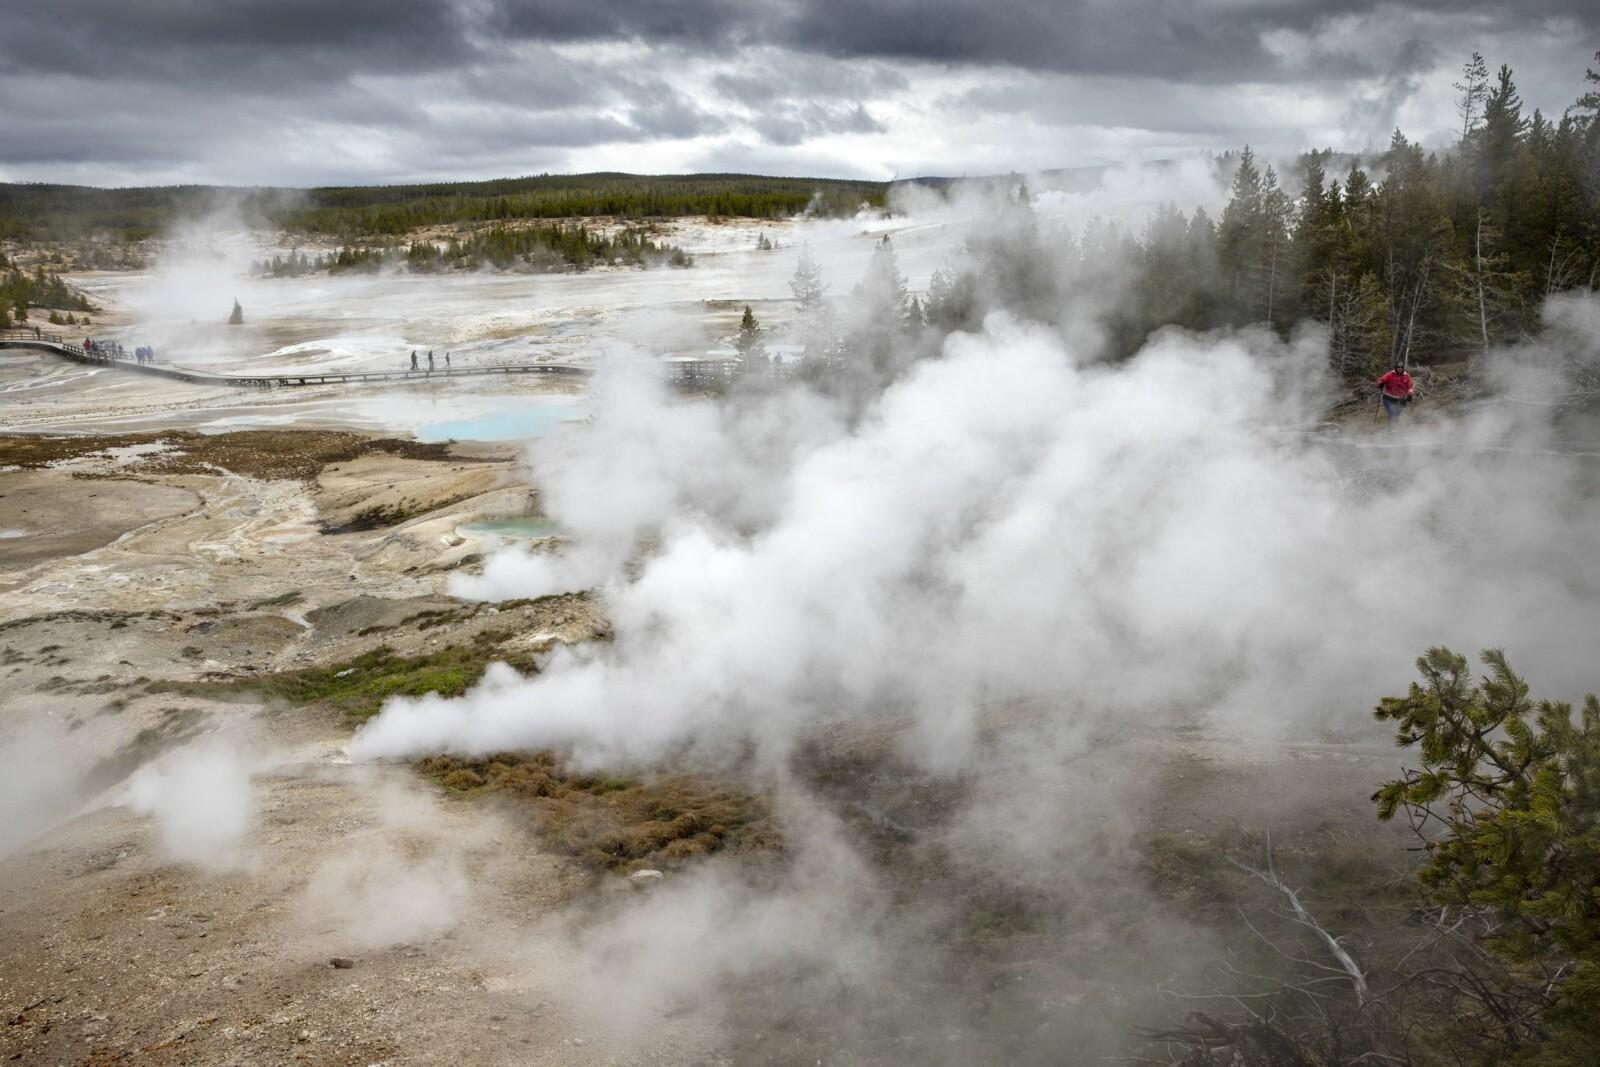 <b>SYDER:</b> I Norris Geyser Basin kryr det av turister. Plankestier har blitt snekret og alt er svært tilrettelagt for turistene. Men tåkebankene som tyter ut av hull i bakken, er ikke bare vanndamp. I 2004 ble det funnet fem døde bison her. Og de døde mest sannsynlig etter å ha innåndet giftige gasser.